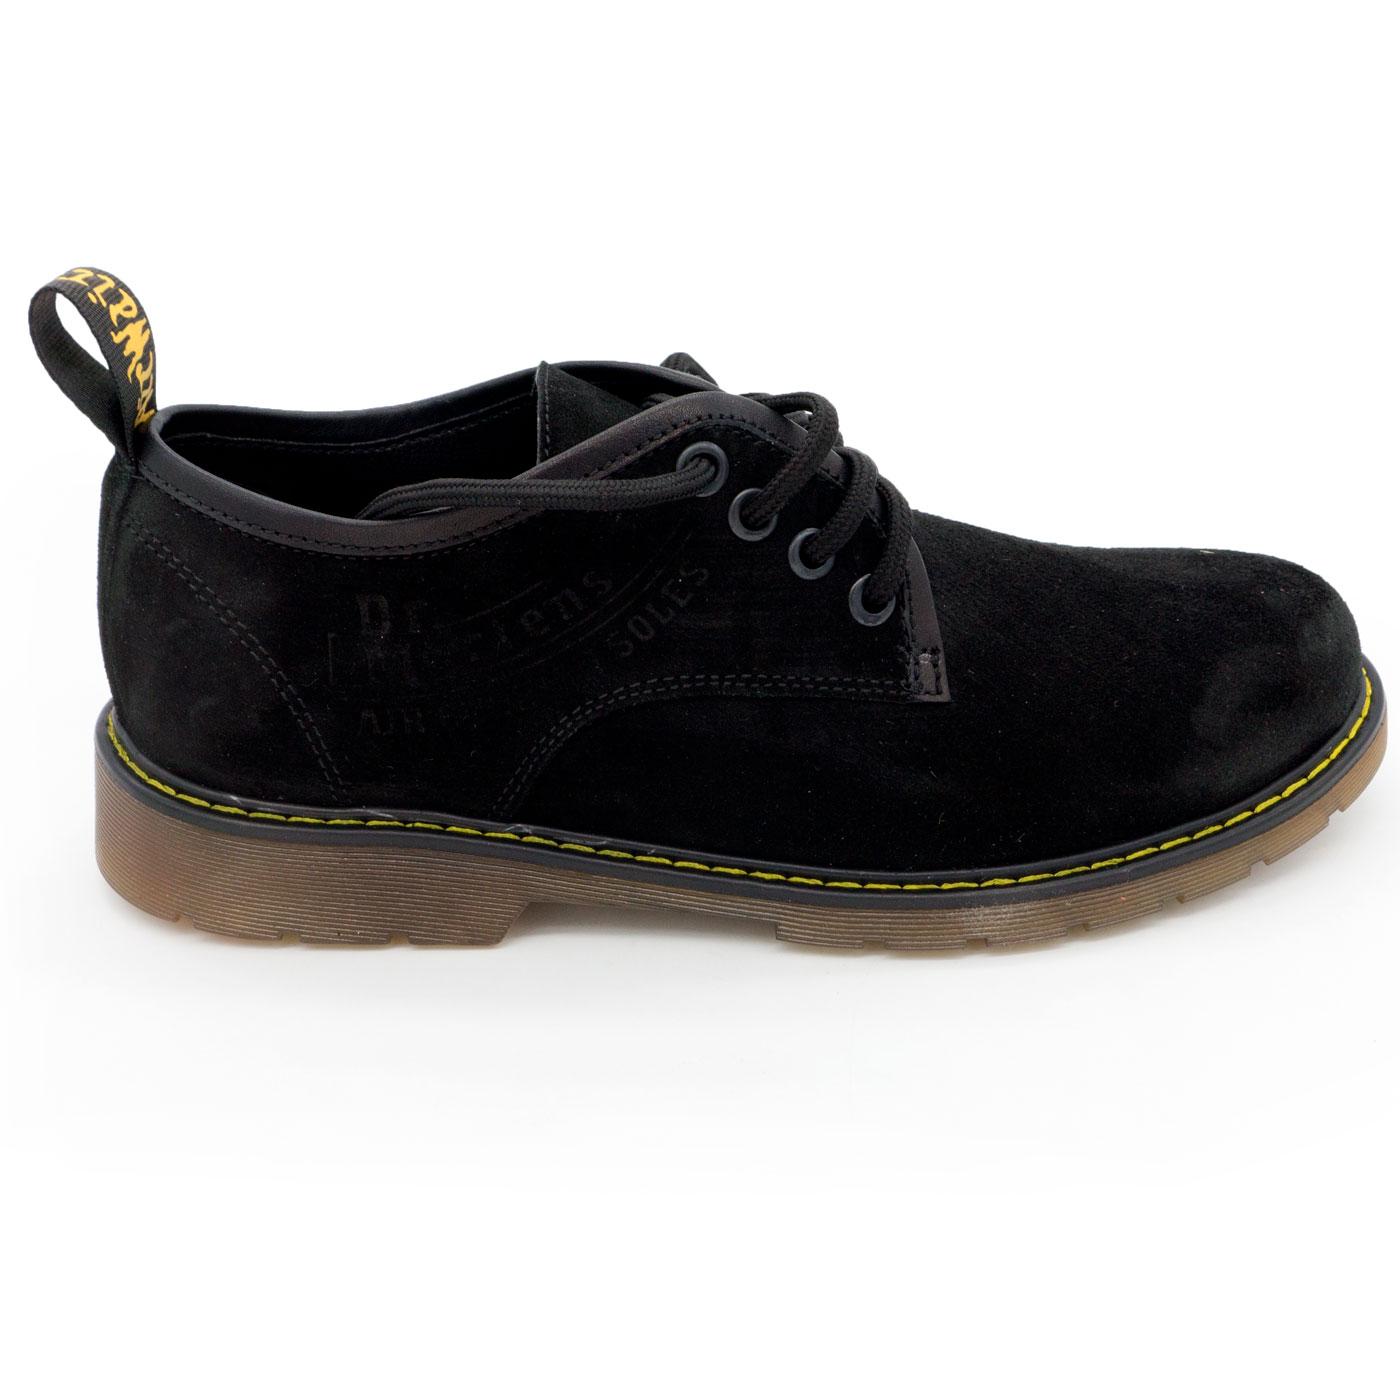 фото main Черные женские туфли Dr. Martens, натуральная замша main